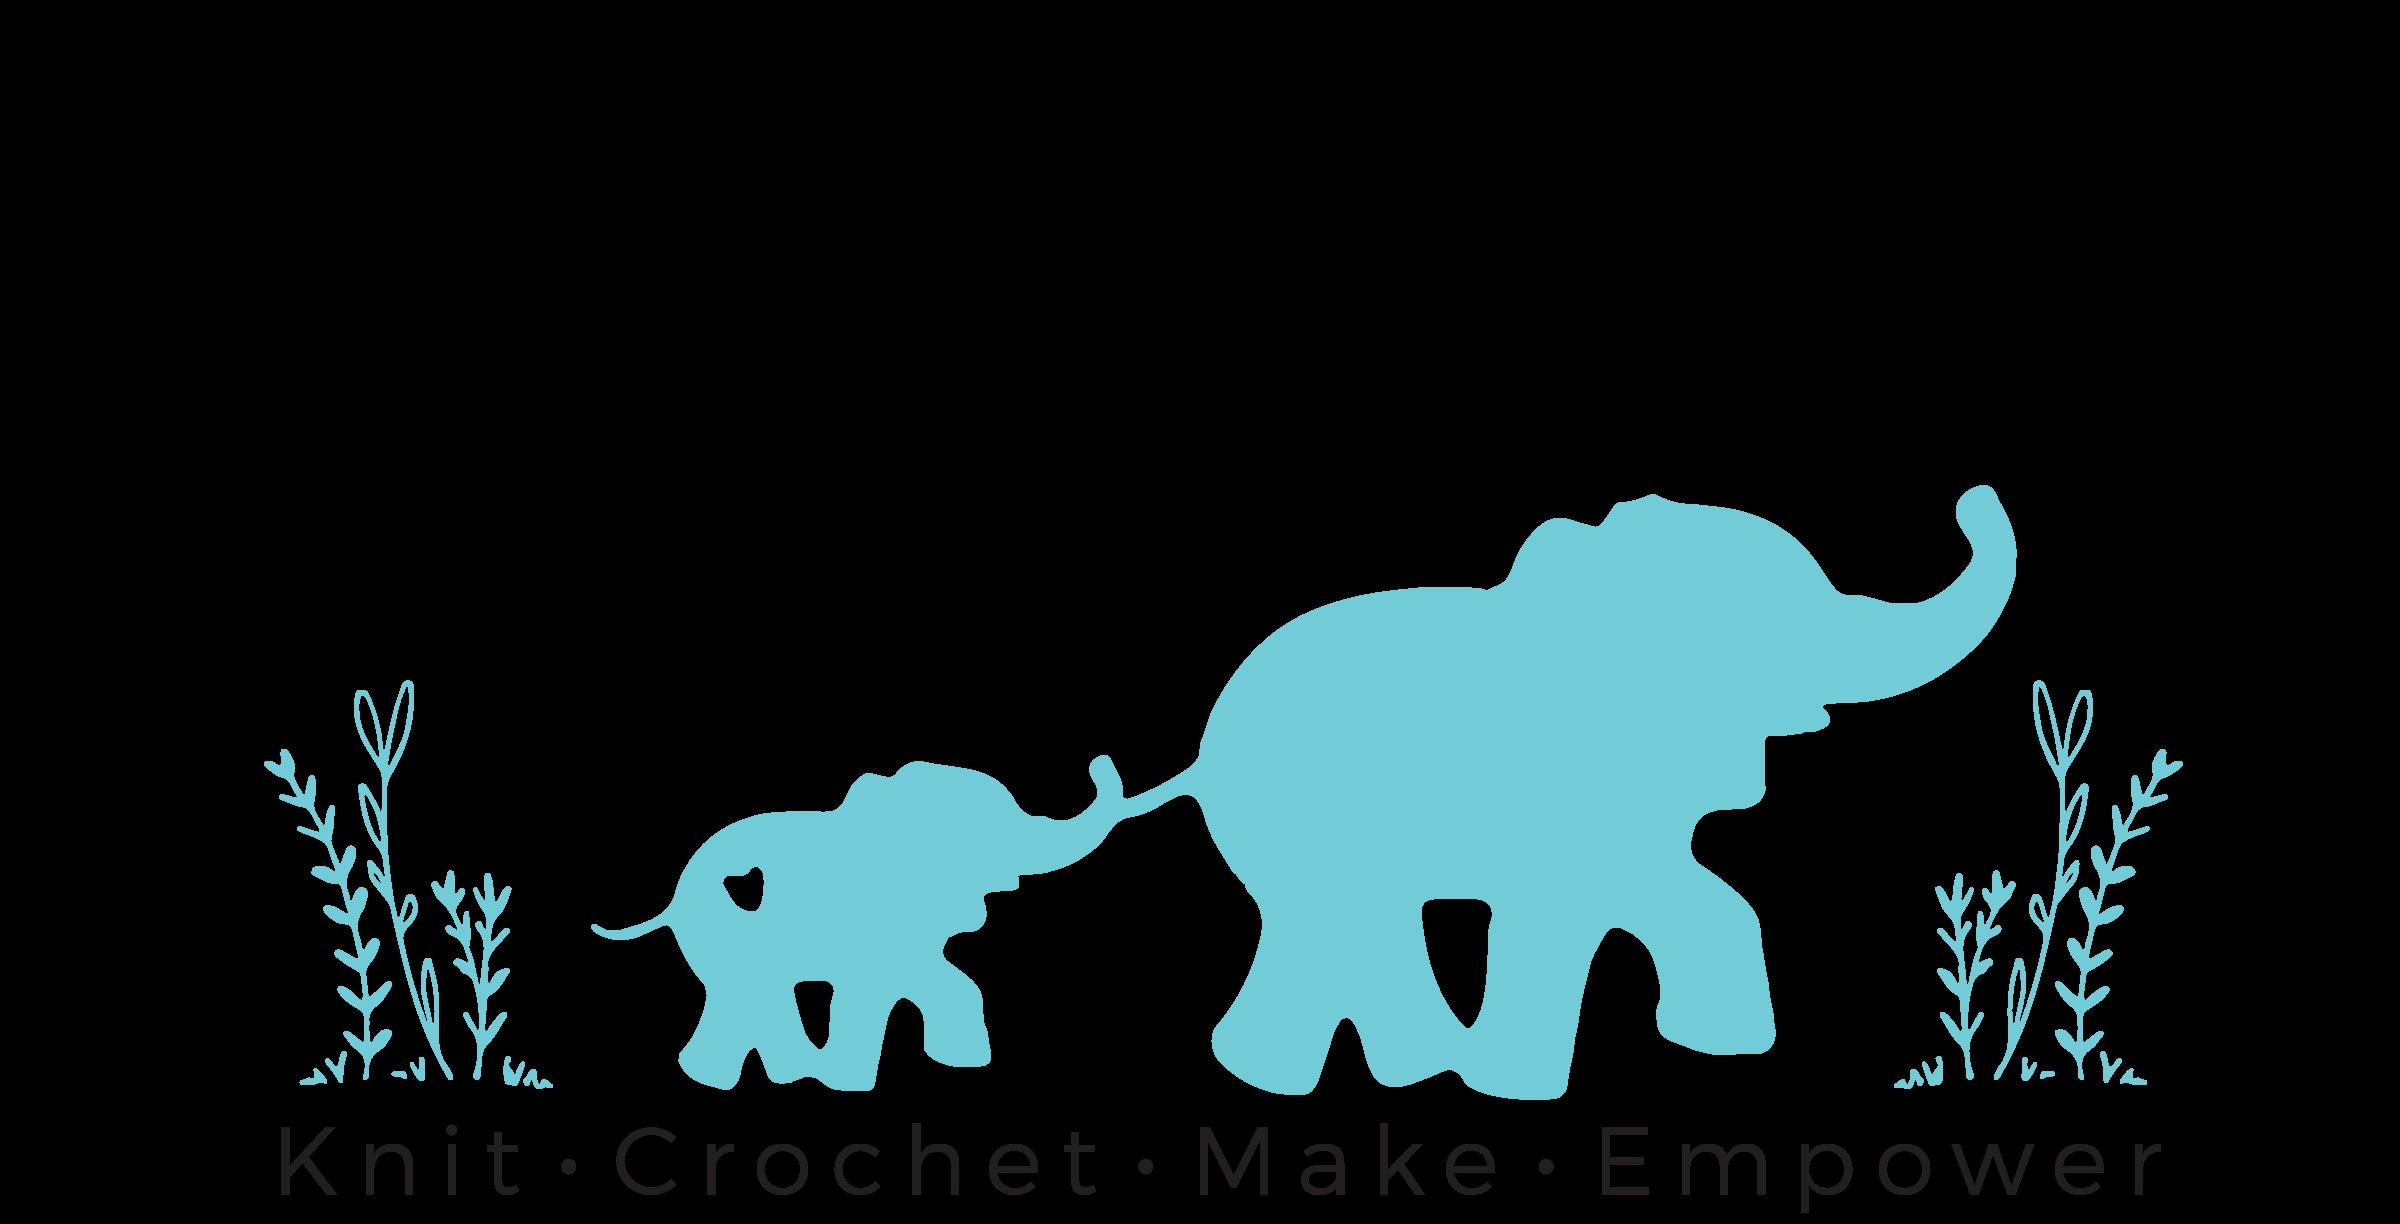 The Blue Elephants